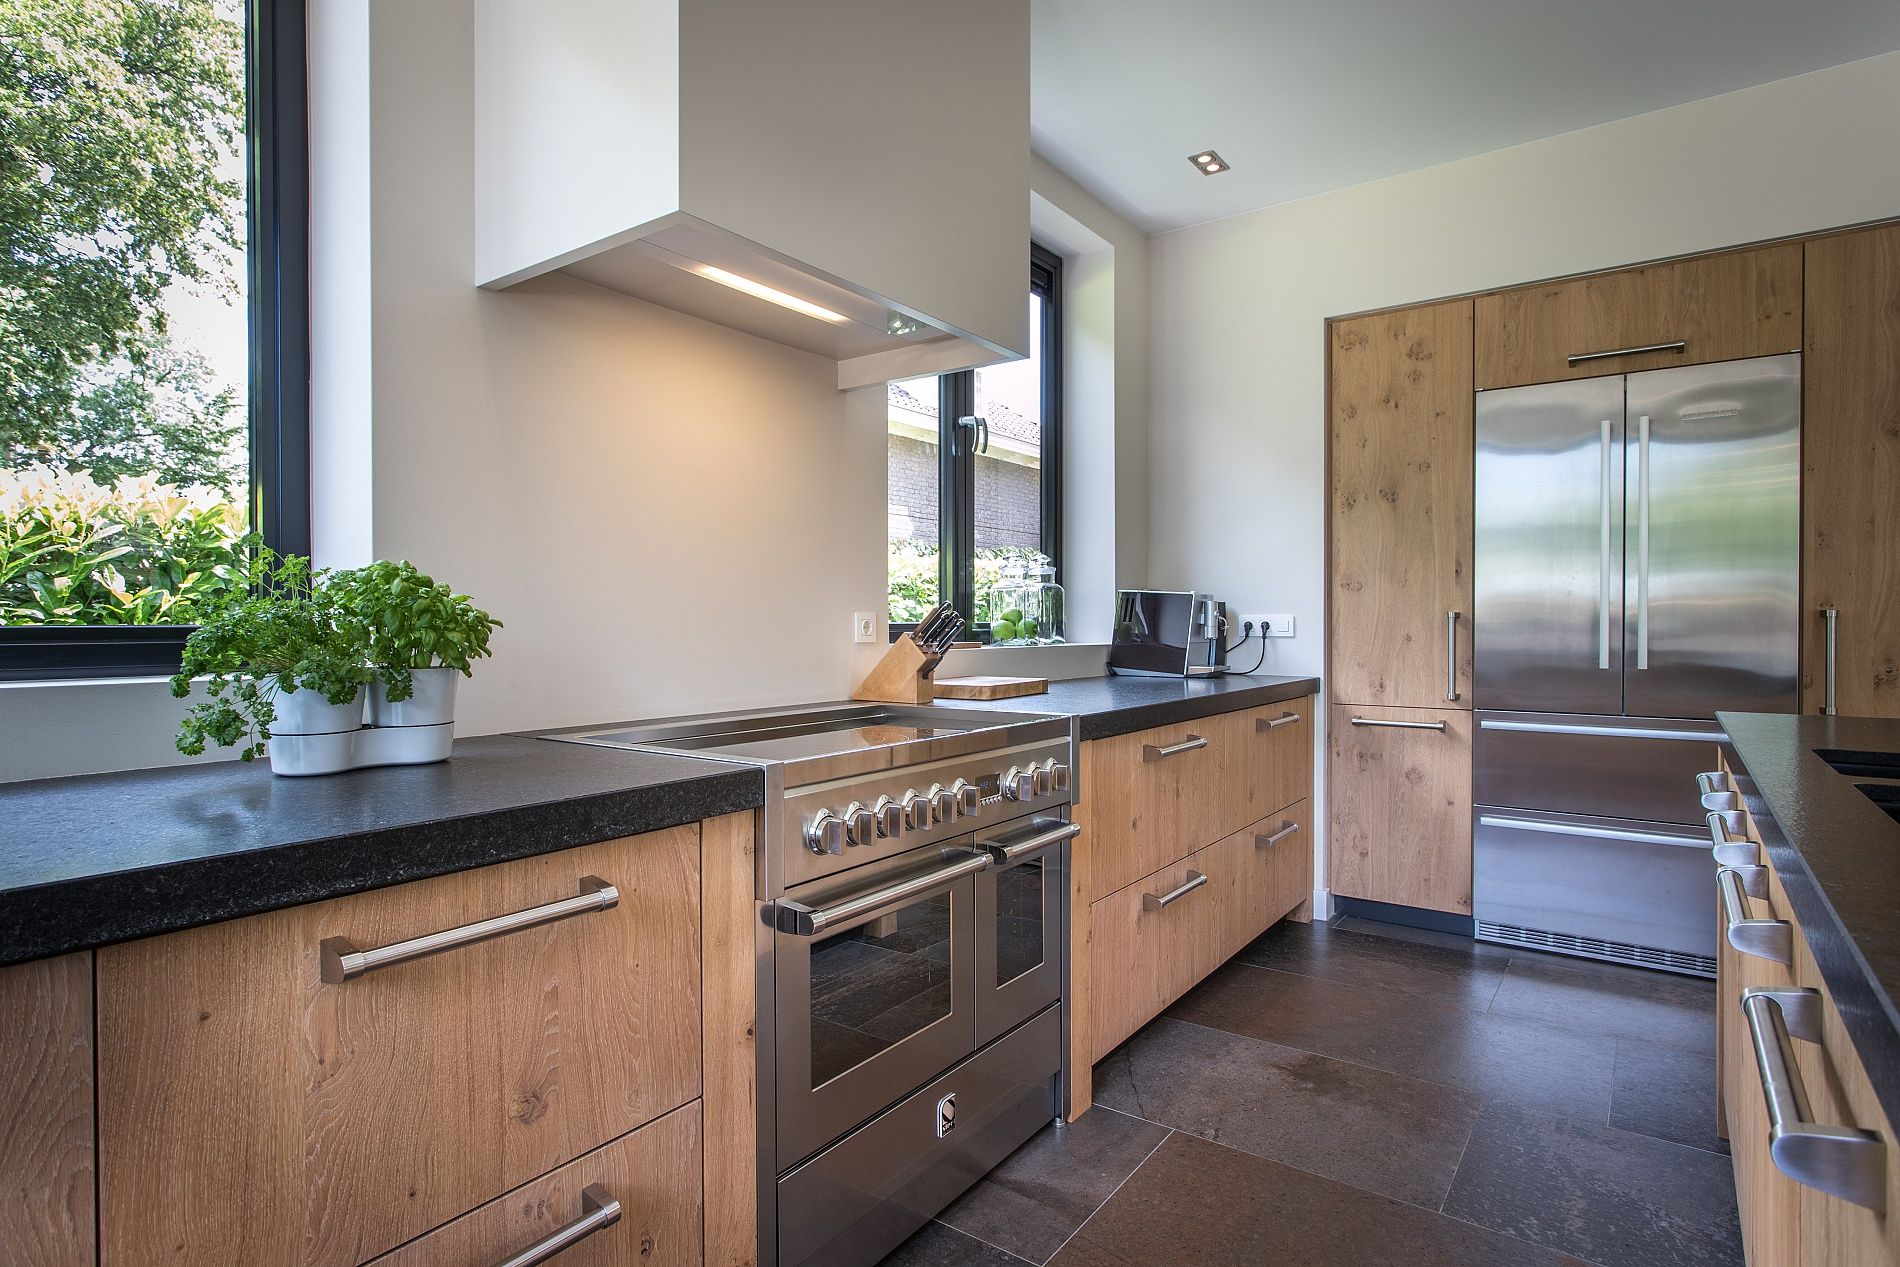 Keuken Zwart Blad : Houten keuken met zwart natuursteen blad en moderne apparatuur